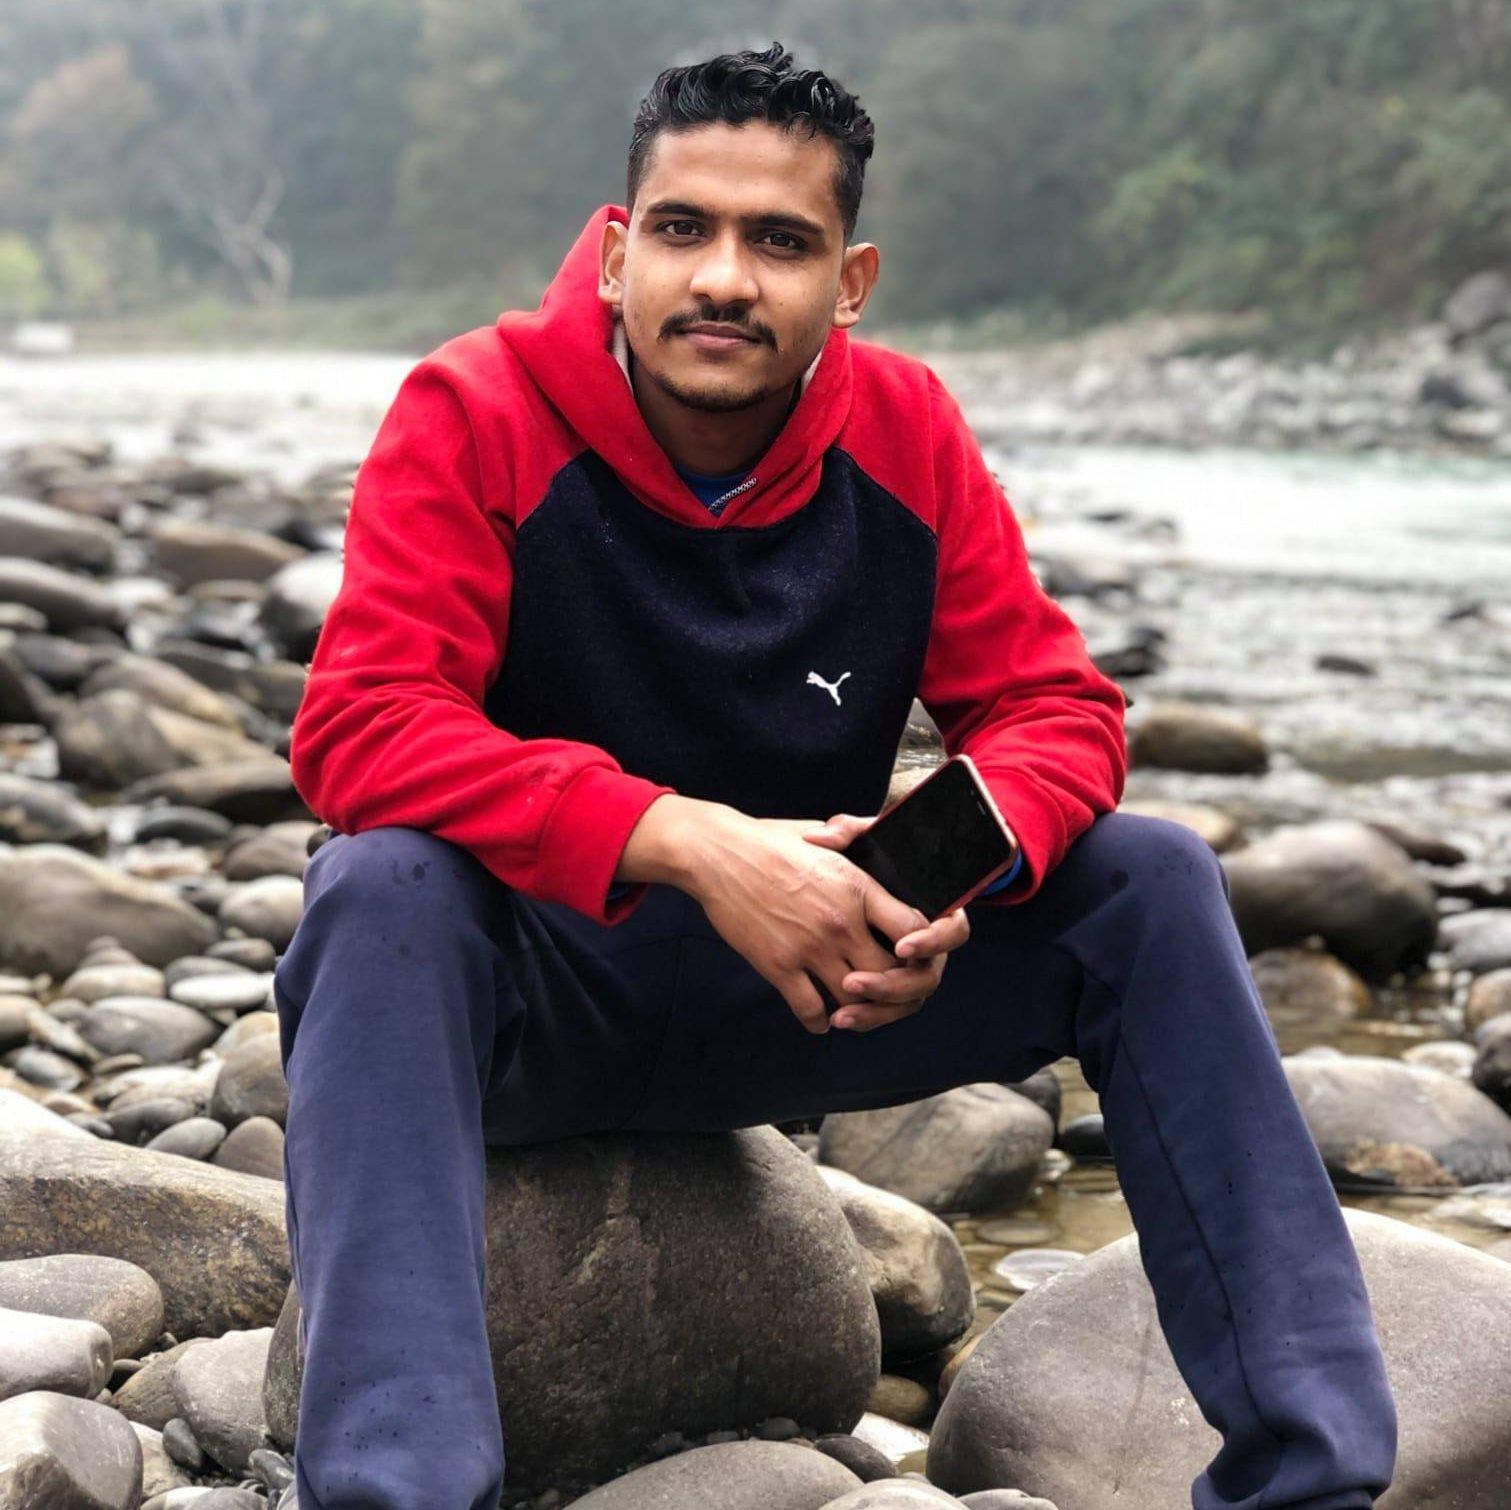 Mr. Mausam Adhikari